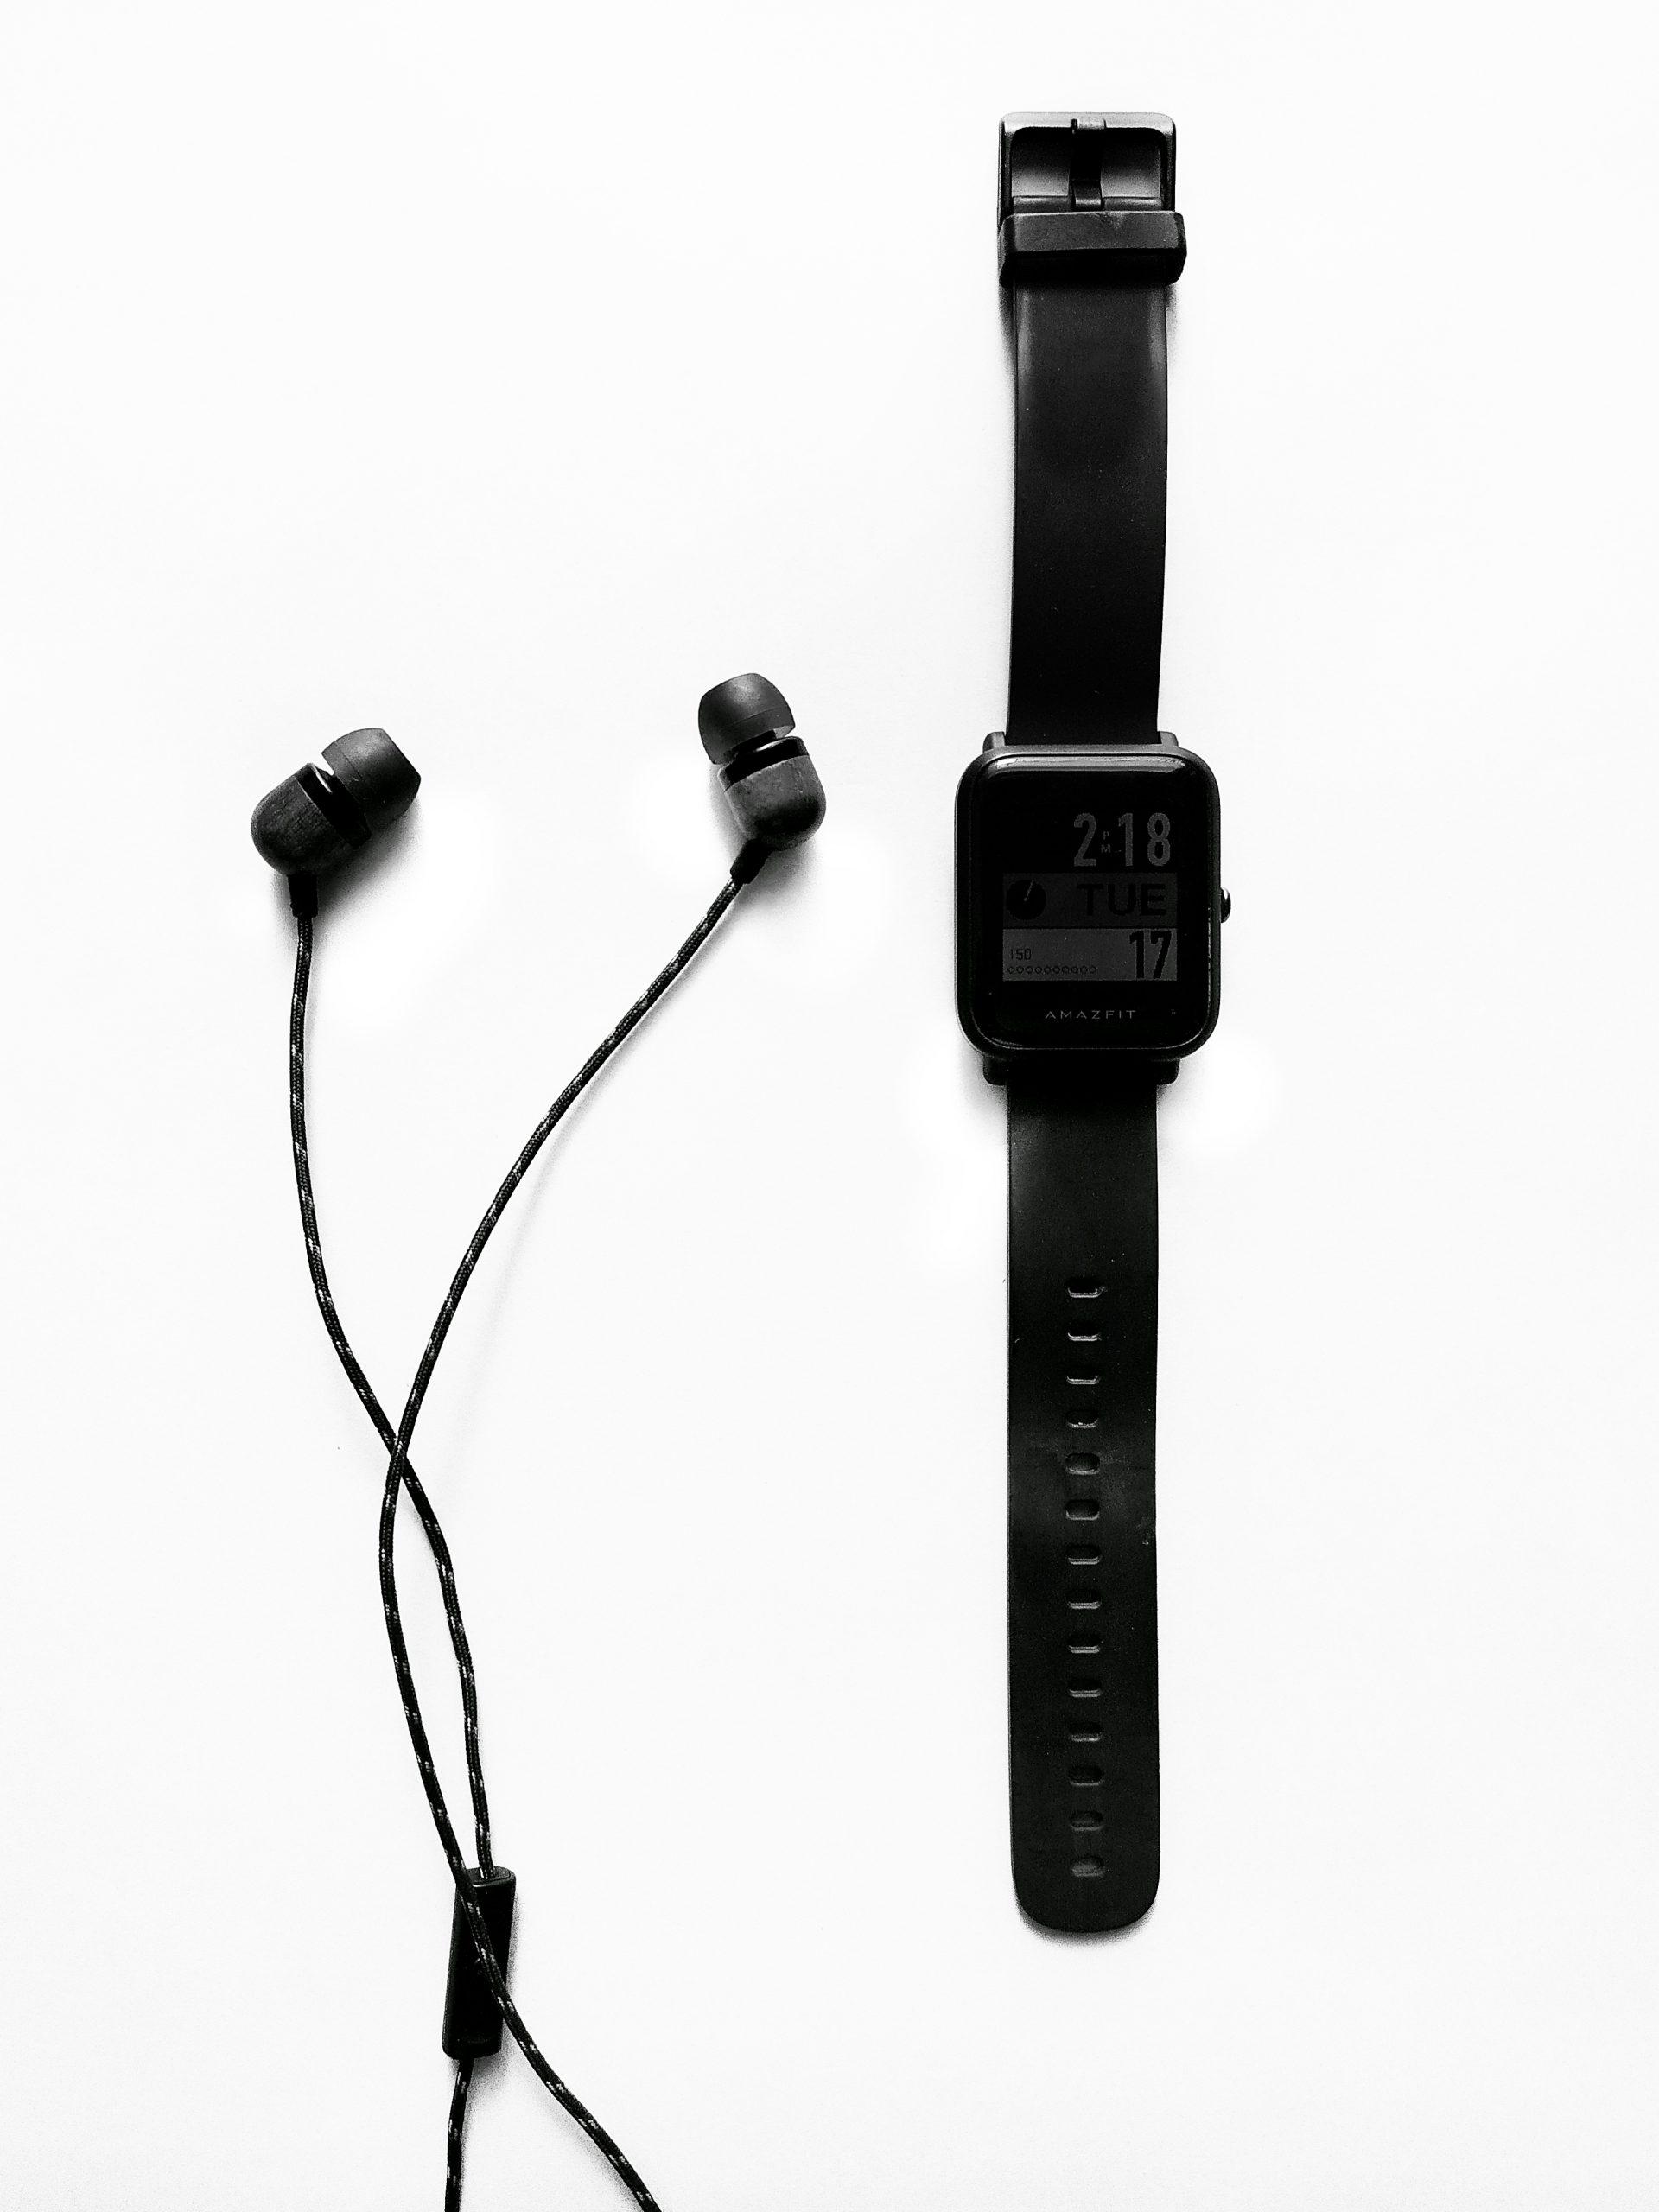 Earphones and smartwatch